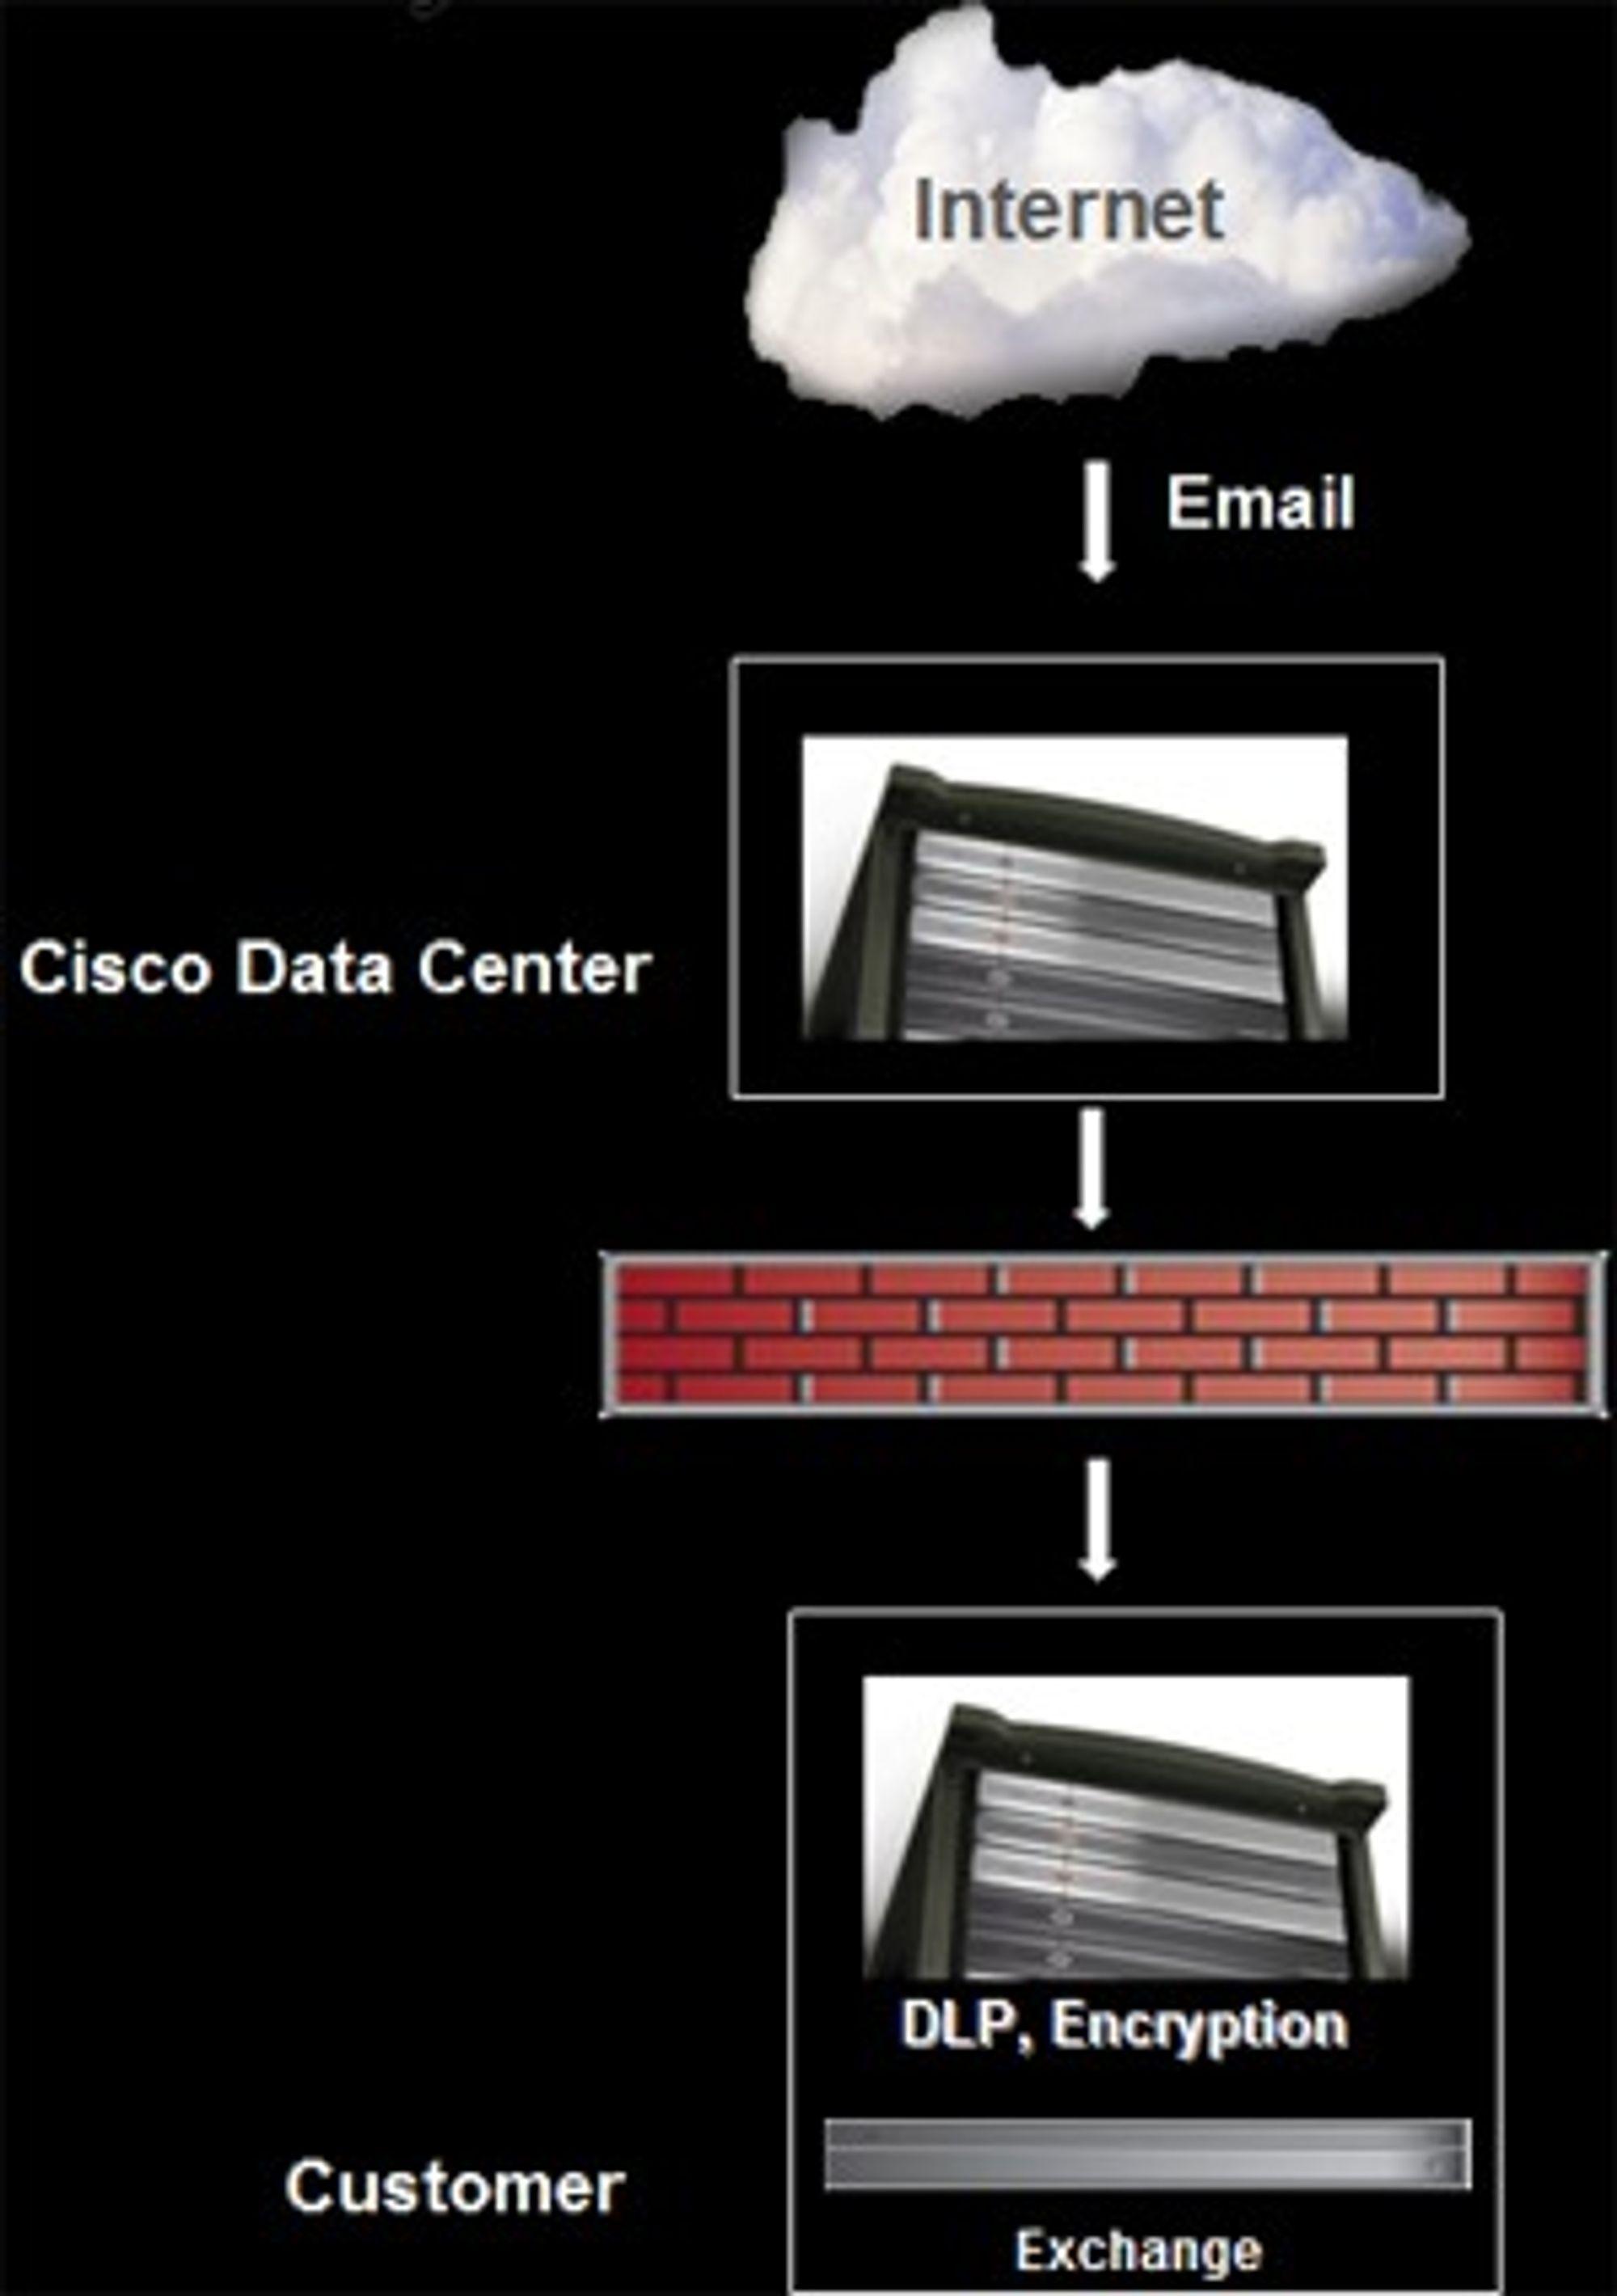 I den hybride løsningen leveres noen tjenester gjennom nettskyen, mens andre - kryptering og DLP (data loss prevention) - installeres lokalt hos kunden.